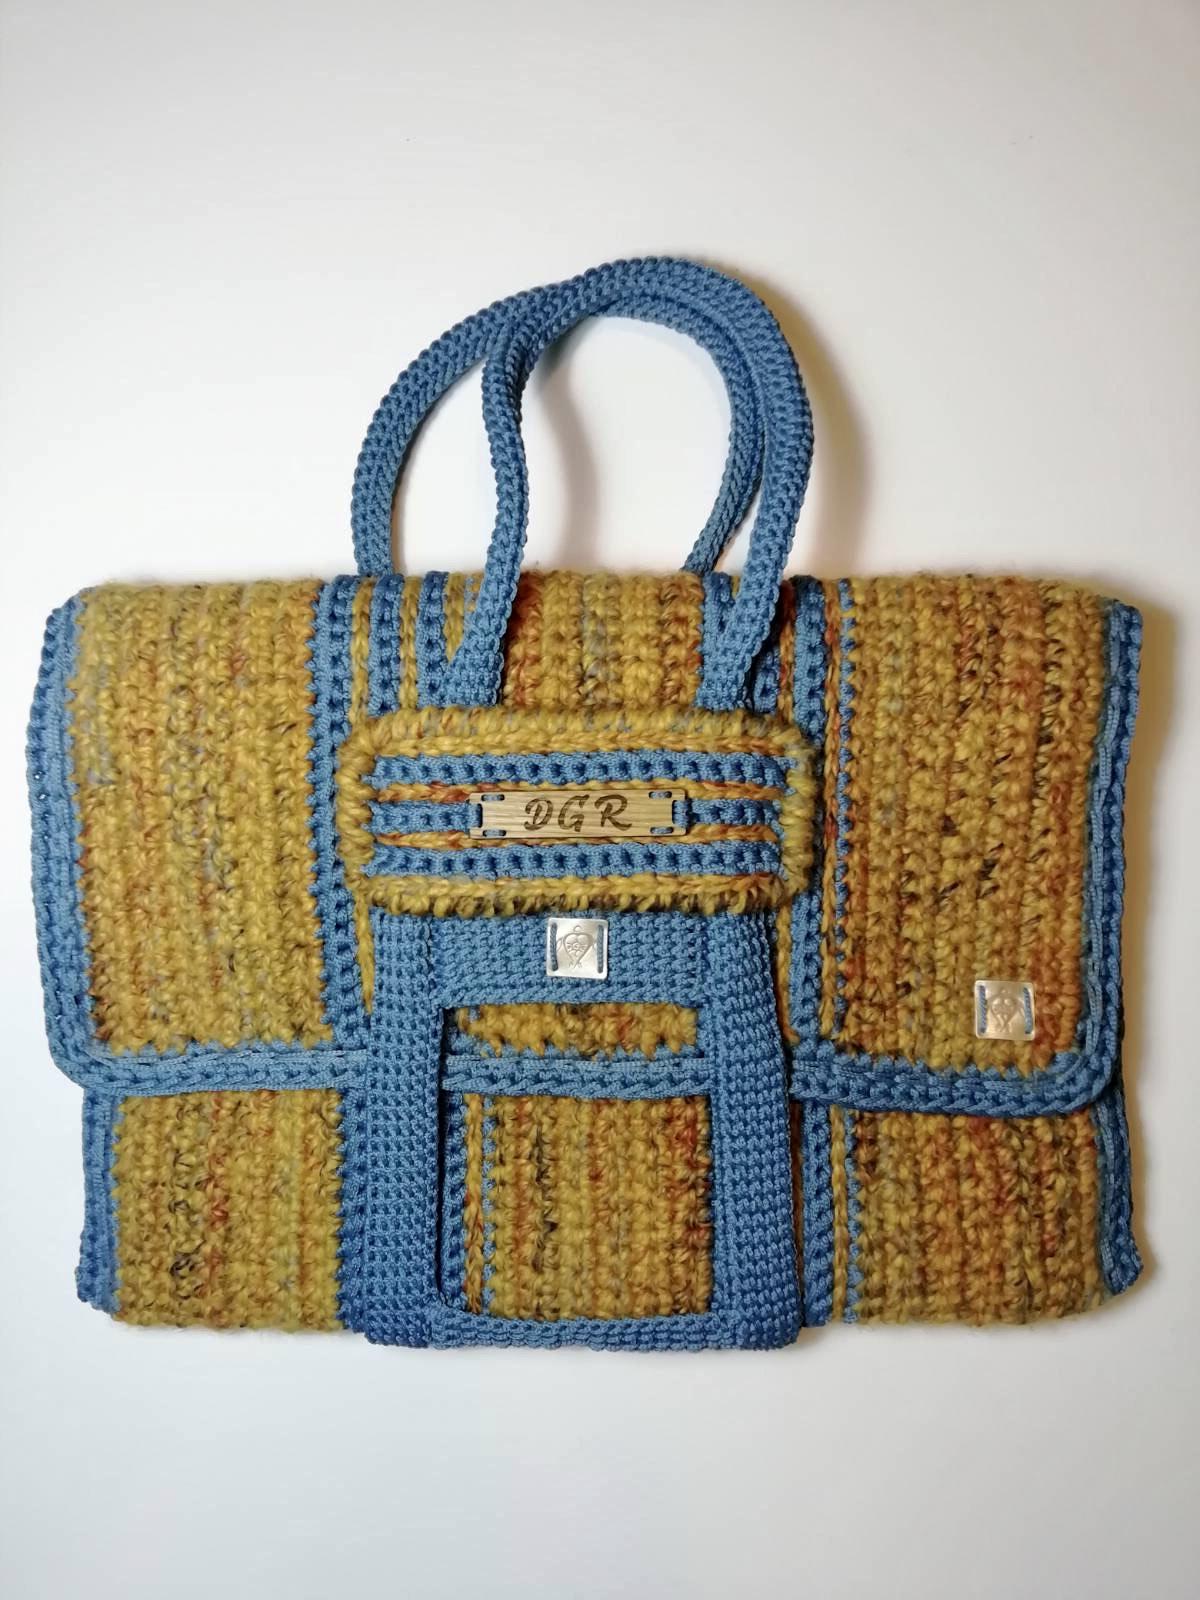 Crochet Bag in yellow/steel-blue